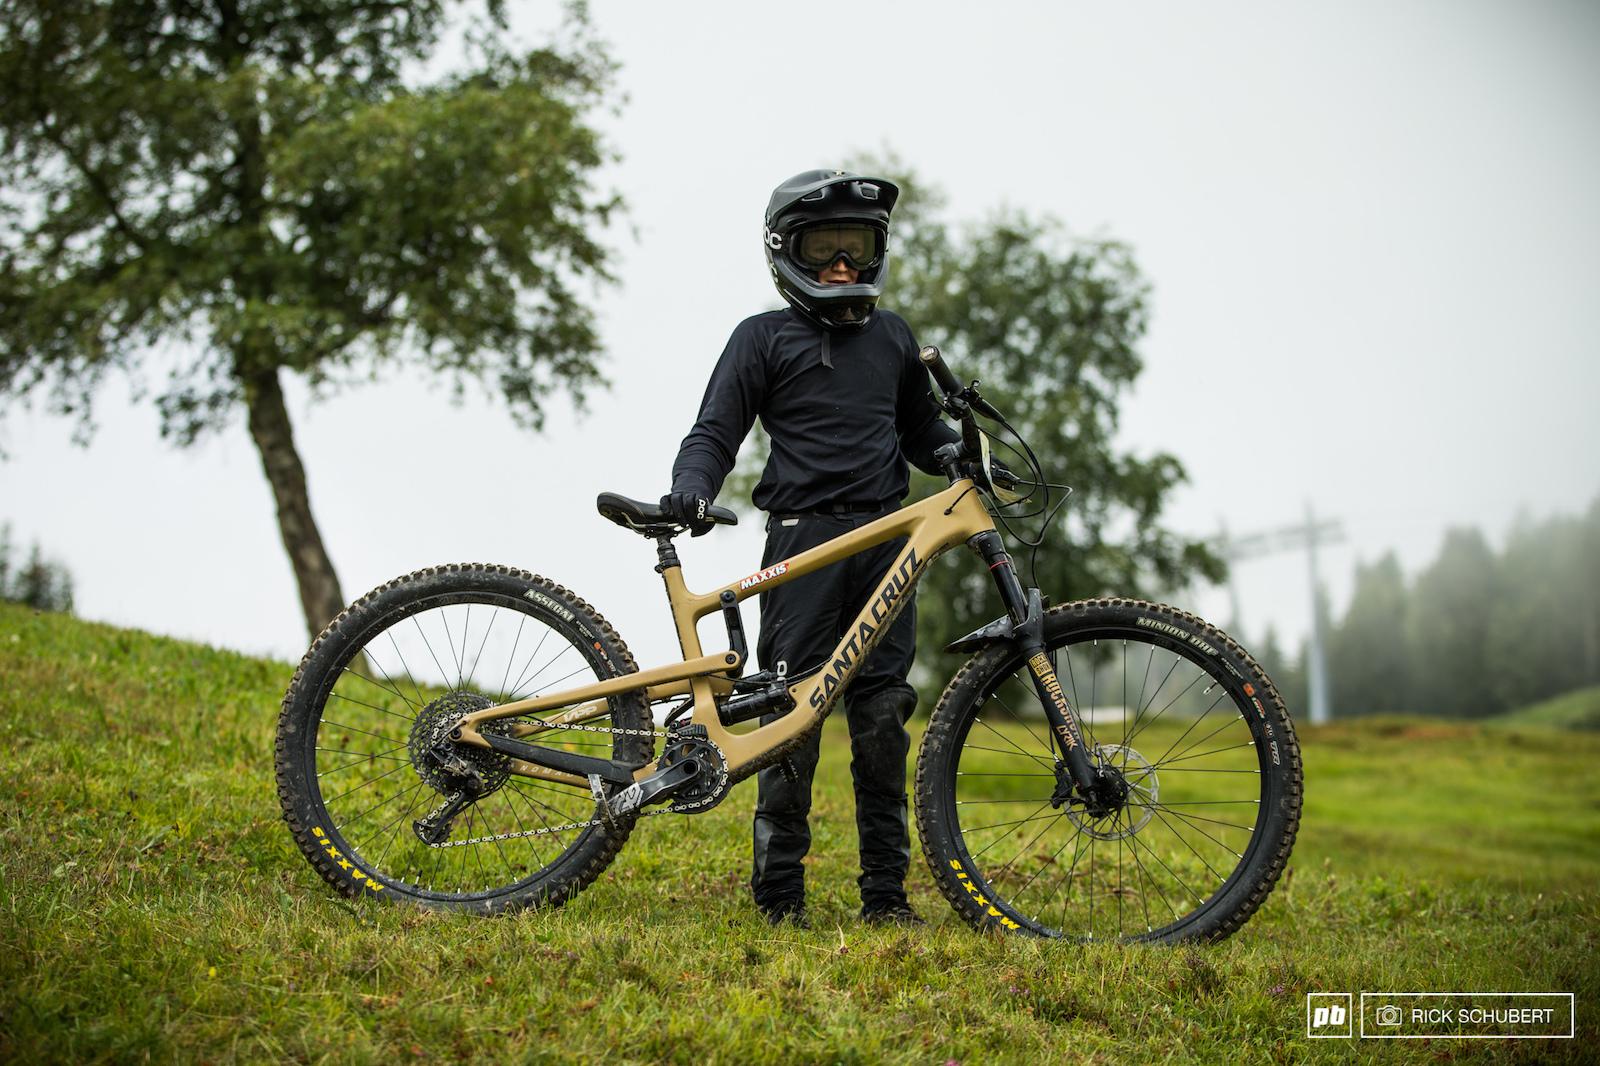 12 year-old Gregor Brandauer and his Santa Cruz